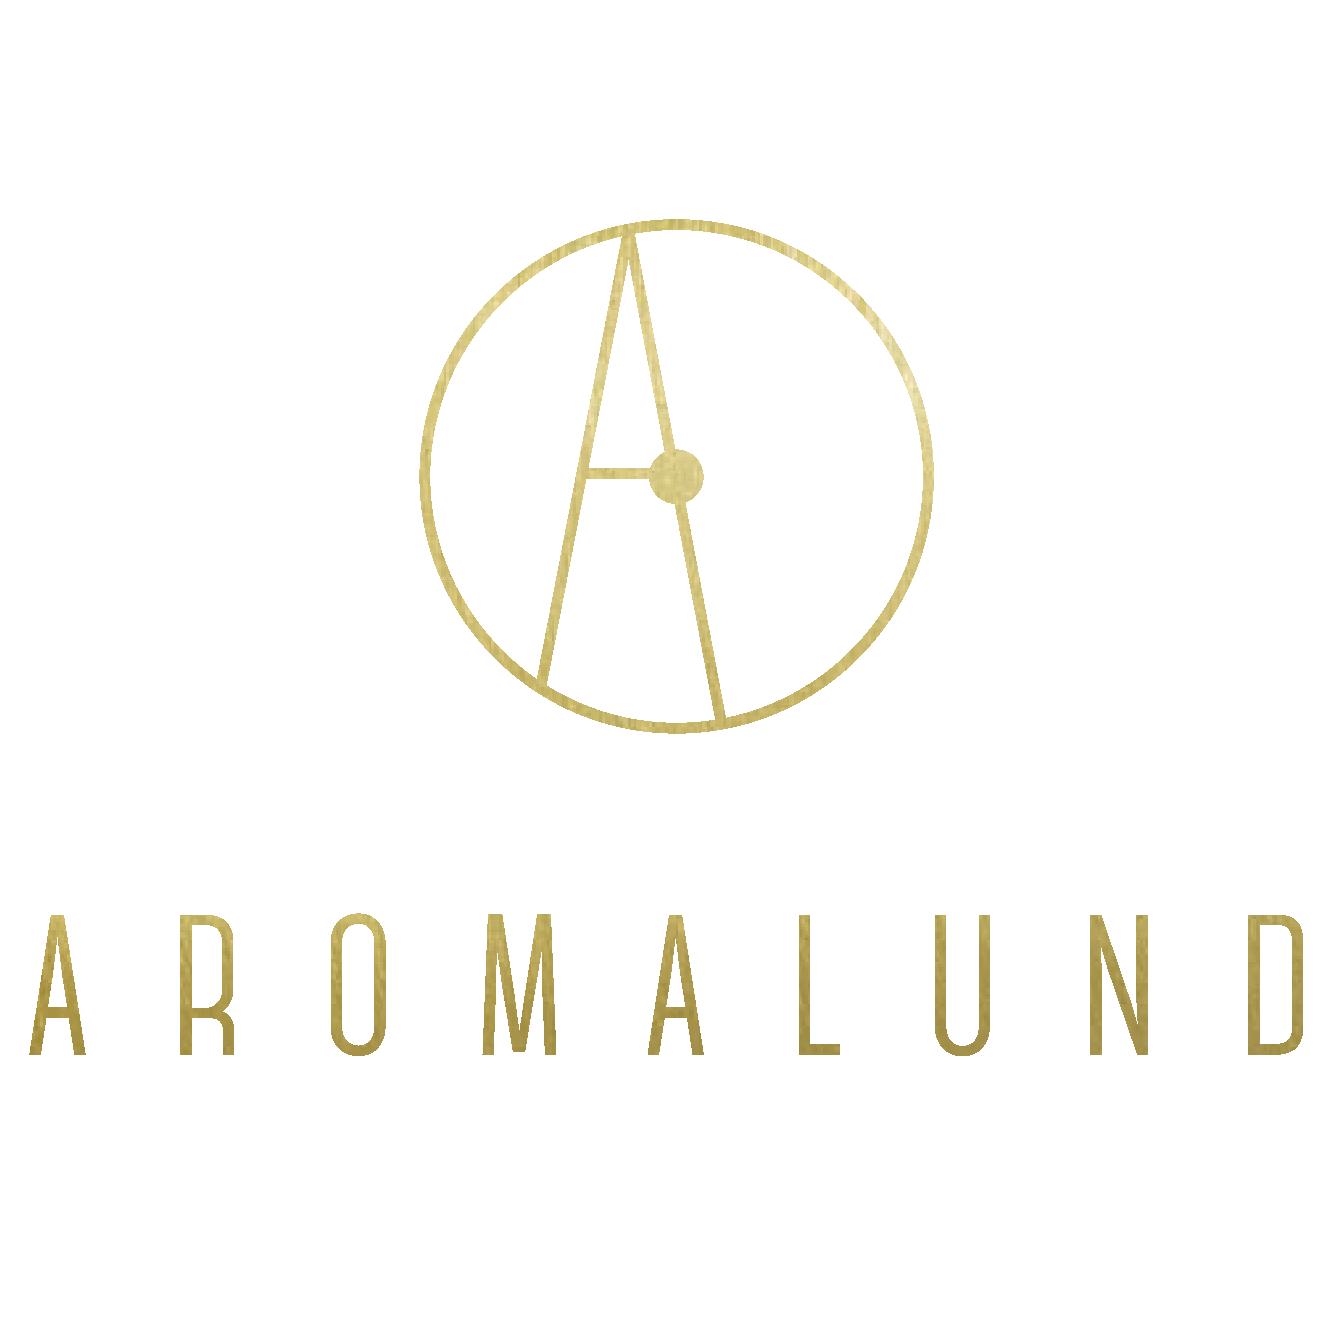 aromalund